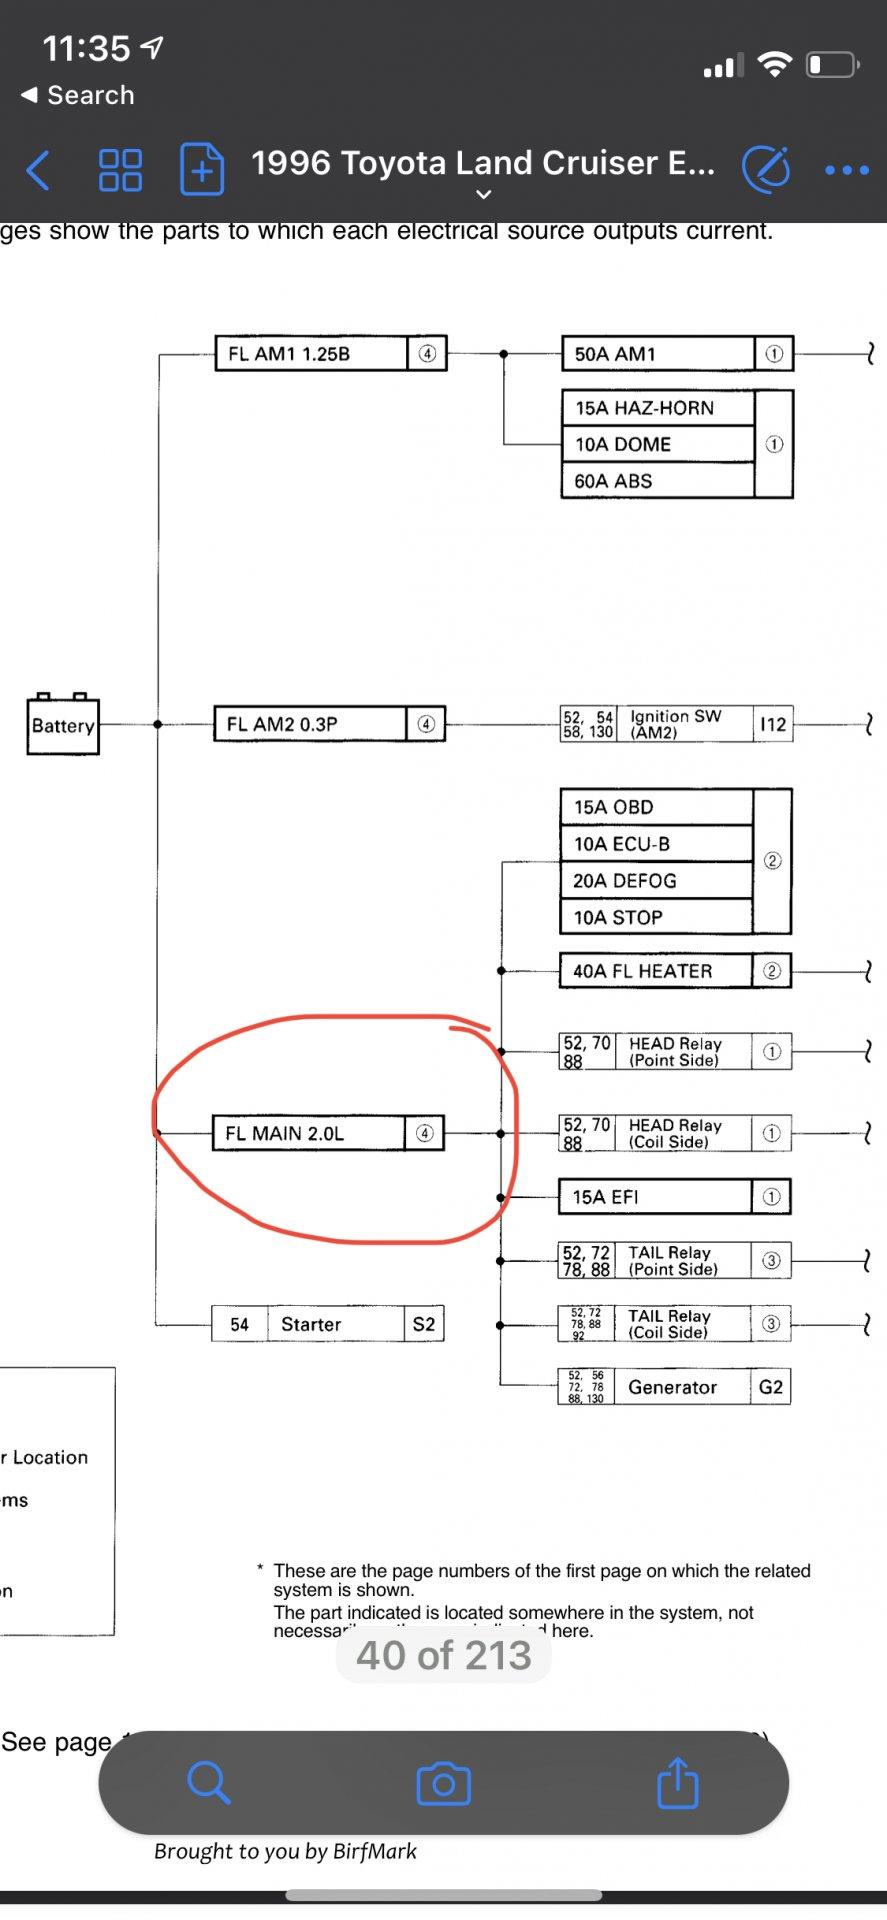 E2648080-2EDE-47CE-B541-2ECEB81890A9.jpeg